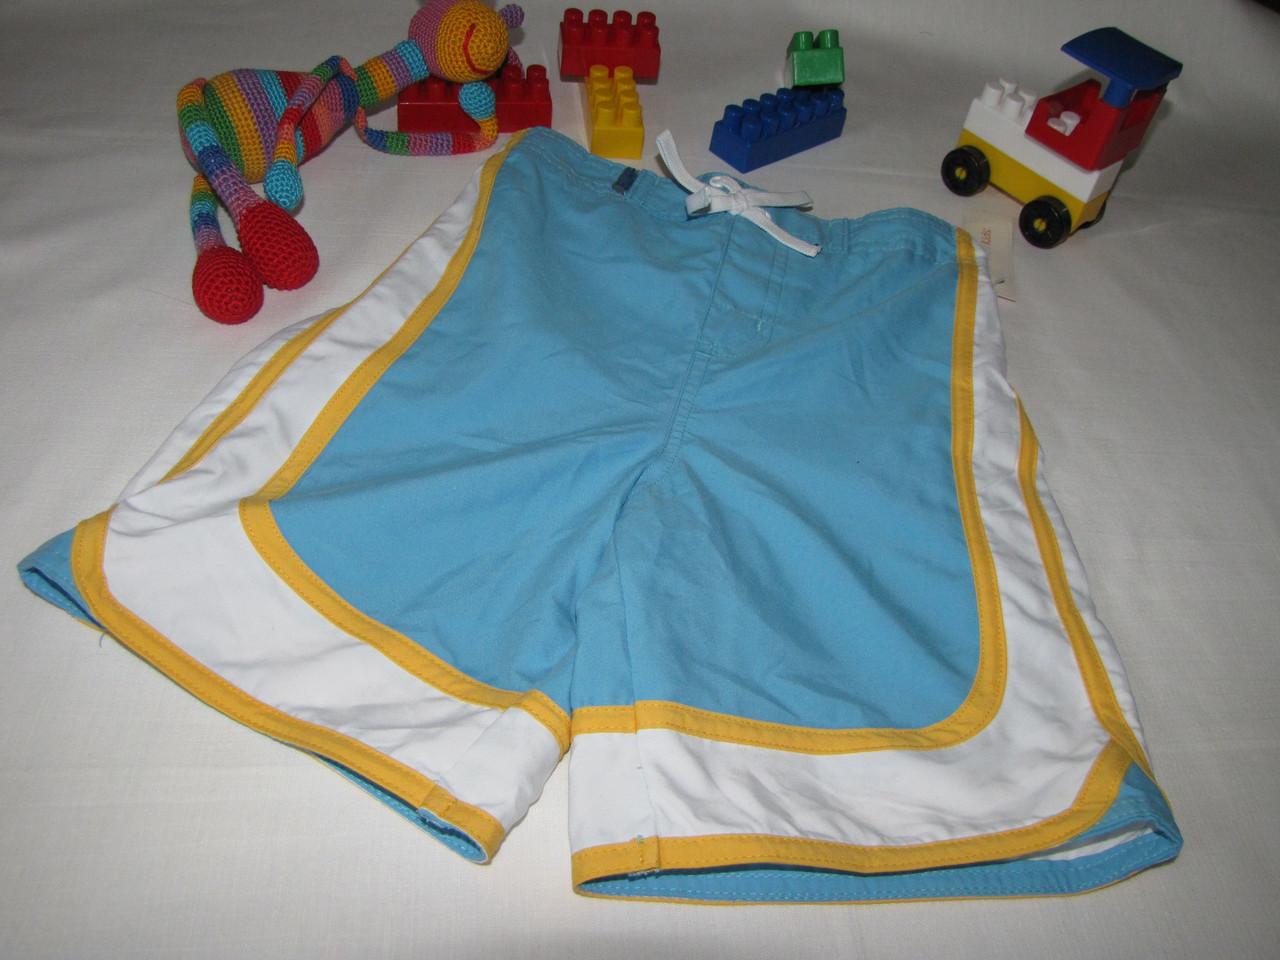 Шорты плавательные Wonder Kids оригинал рост 104 см голубые 07176